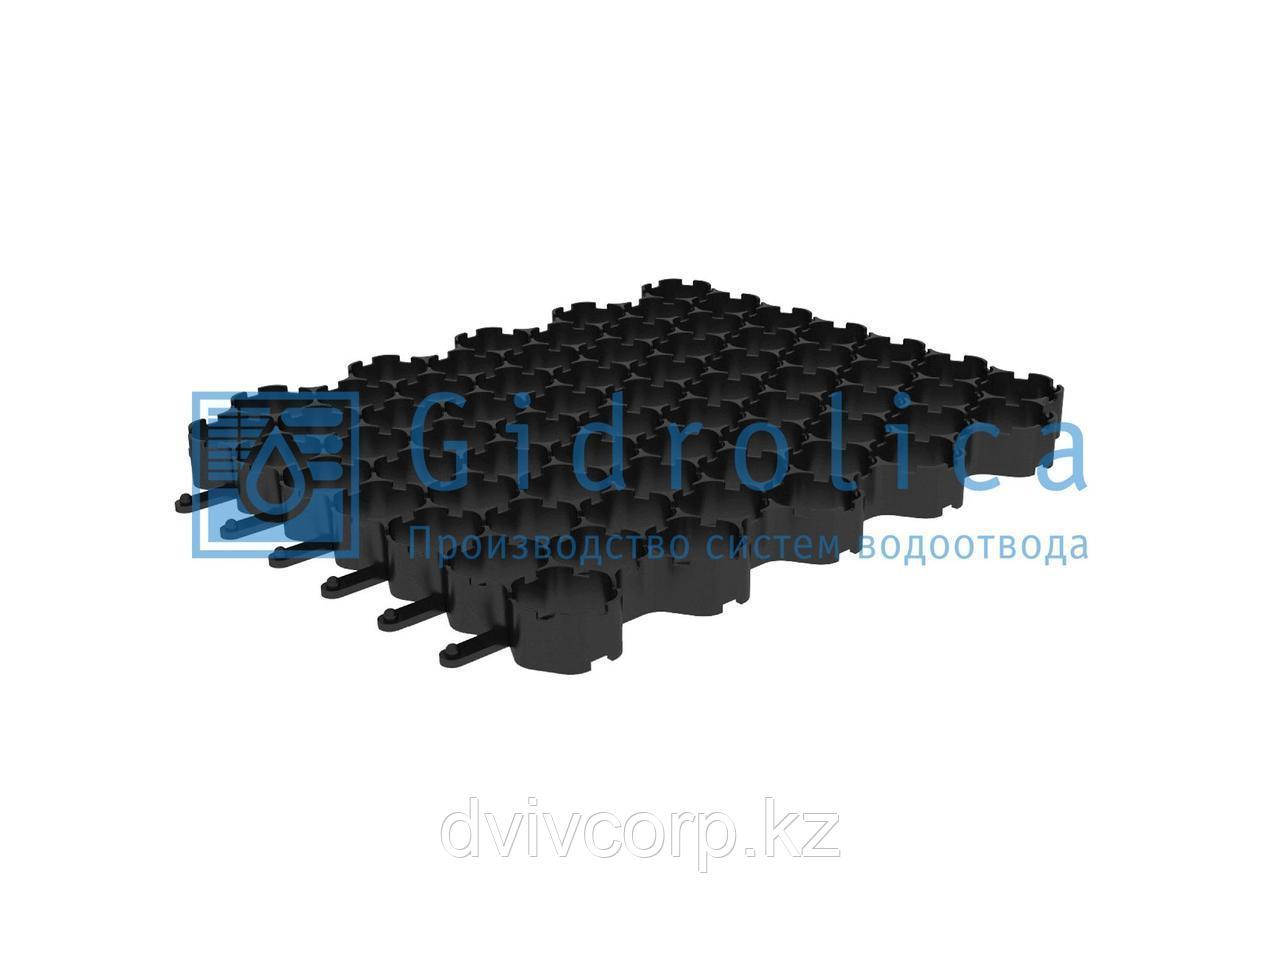 Арт. 610 Решетка газонная Gidrolica Eco Normal РГ-53.43.3,5 - пластиковая черная